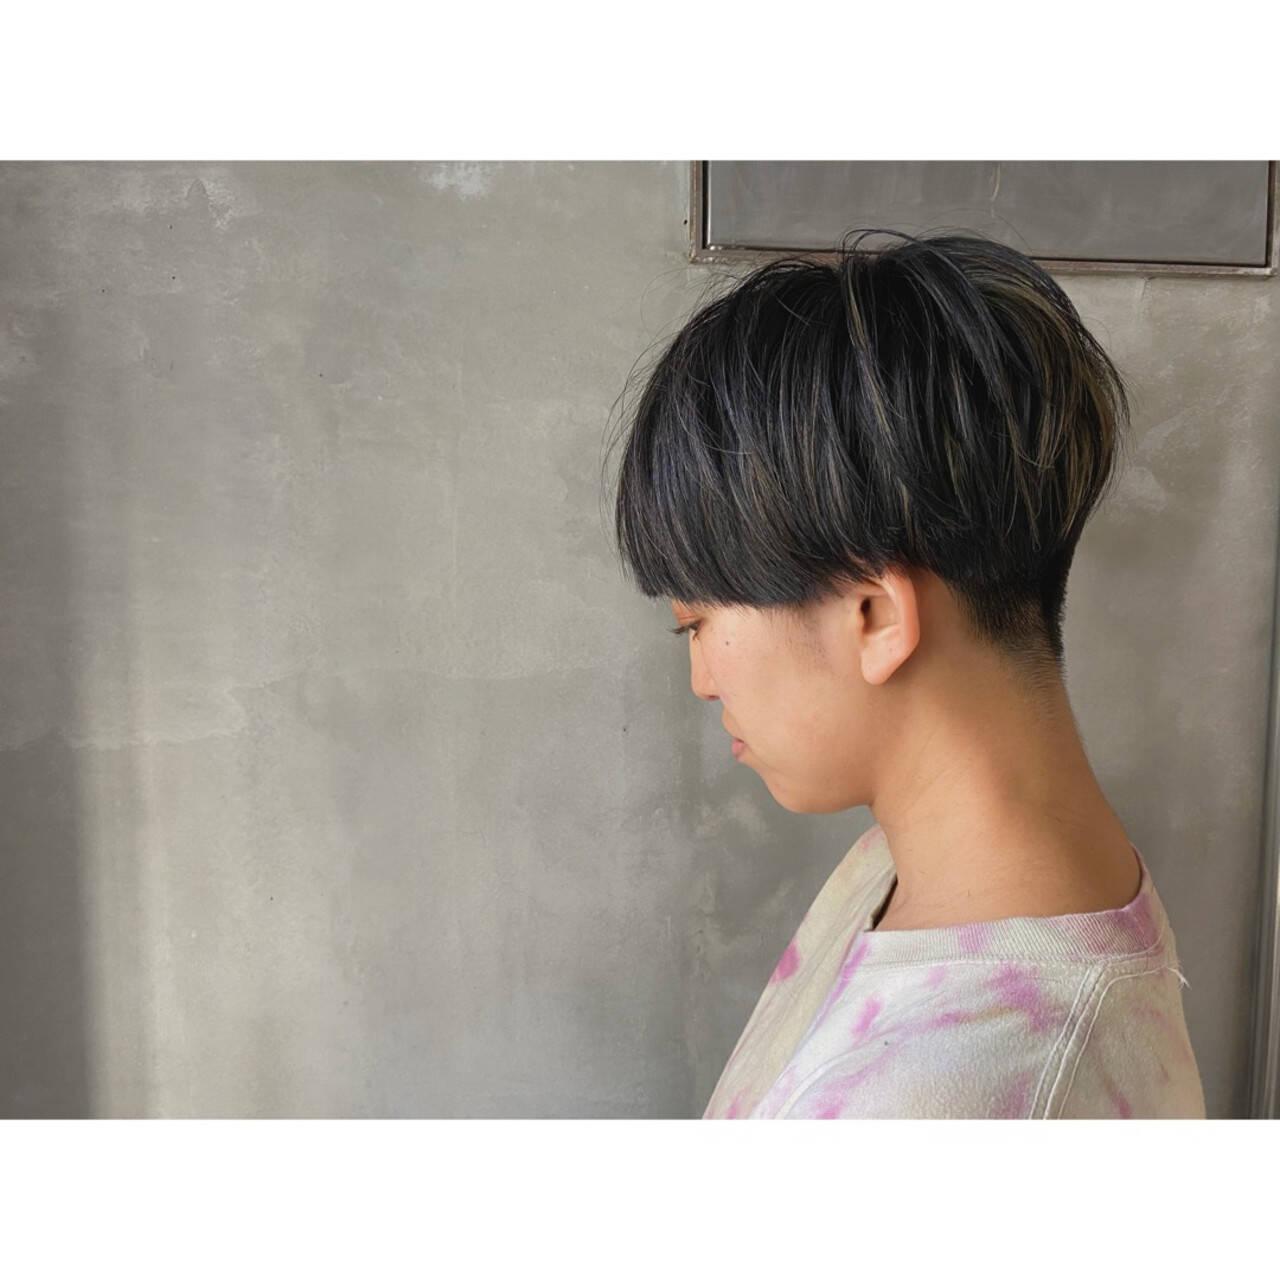 スライシングハイライト 刈り上げ女子 デザインカラー 刈り上げヘアスタイルや髪型の写真・画像